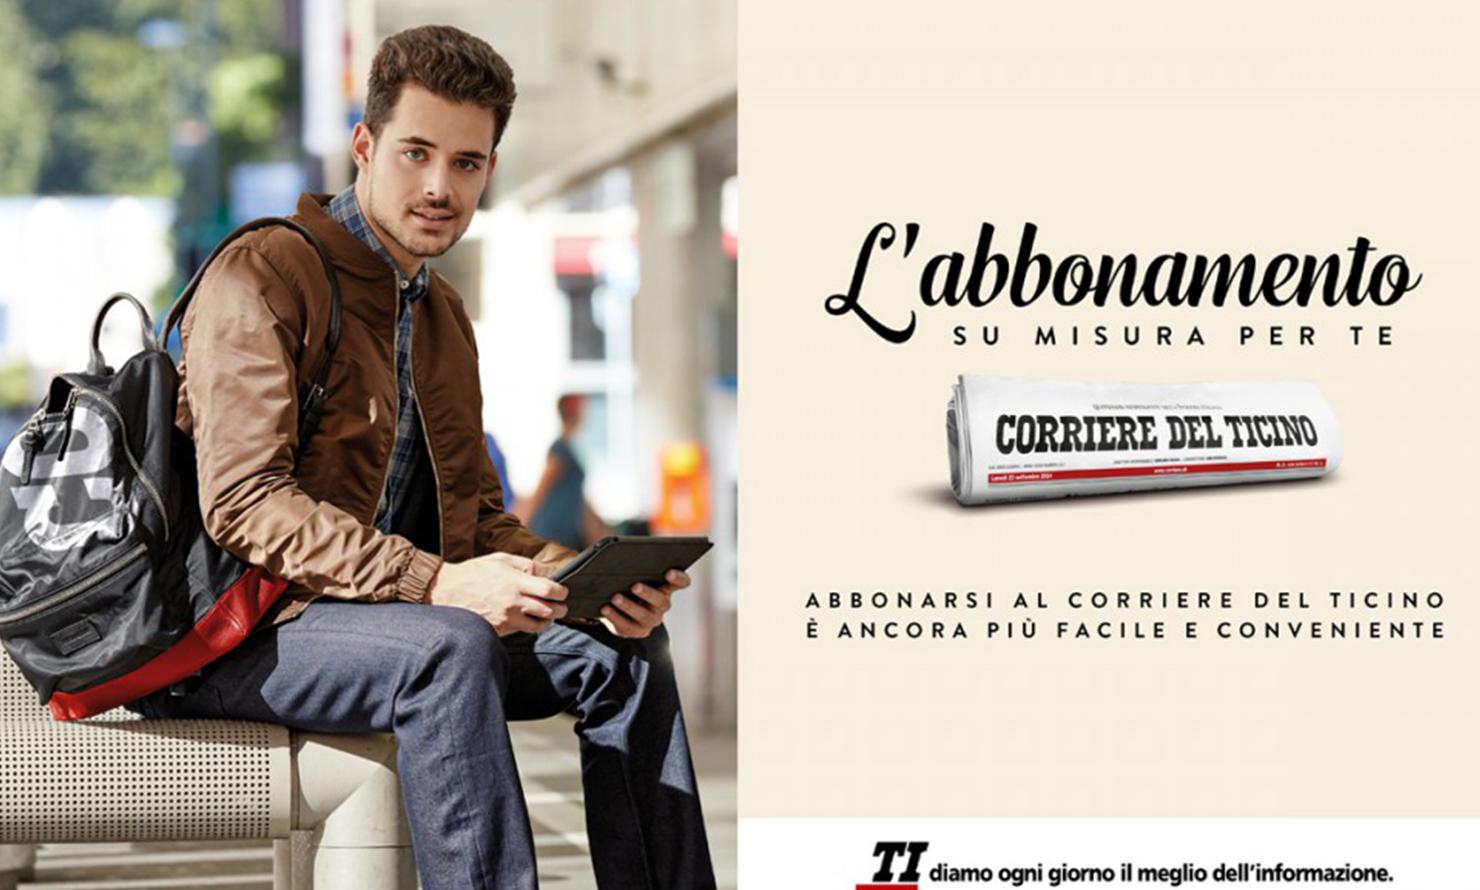 https://www.kubelibre.com/uploads/Slider-work-tutti-clienti/corriere-del-ticino-l-abbonamento-su-misura-per-te-2.jpg